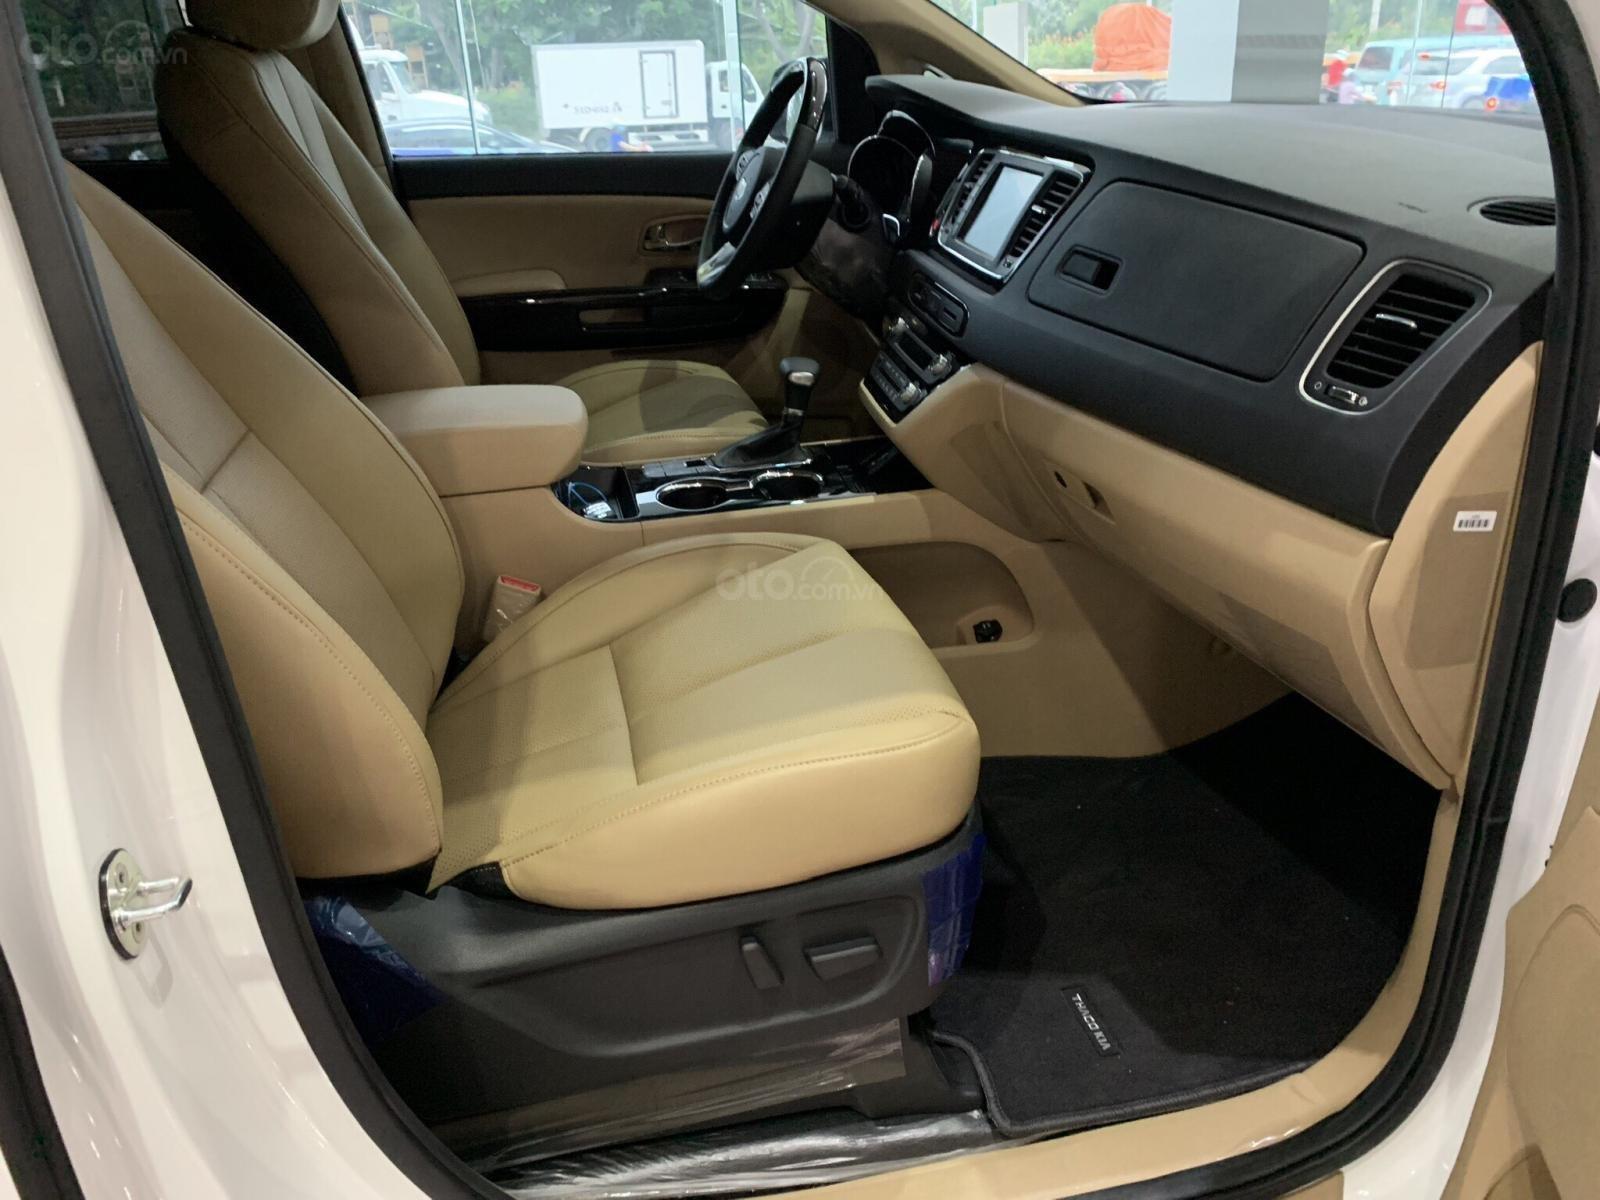 Bán Kia Sedona SX 2019 mới 100% giá tốt, hỗ trợ vay lên đến 85% (4)